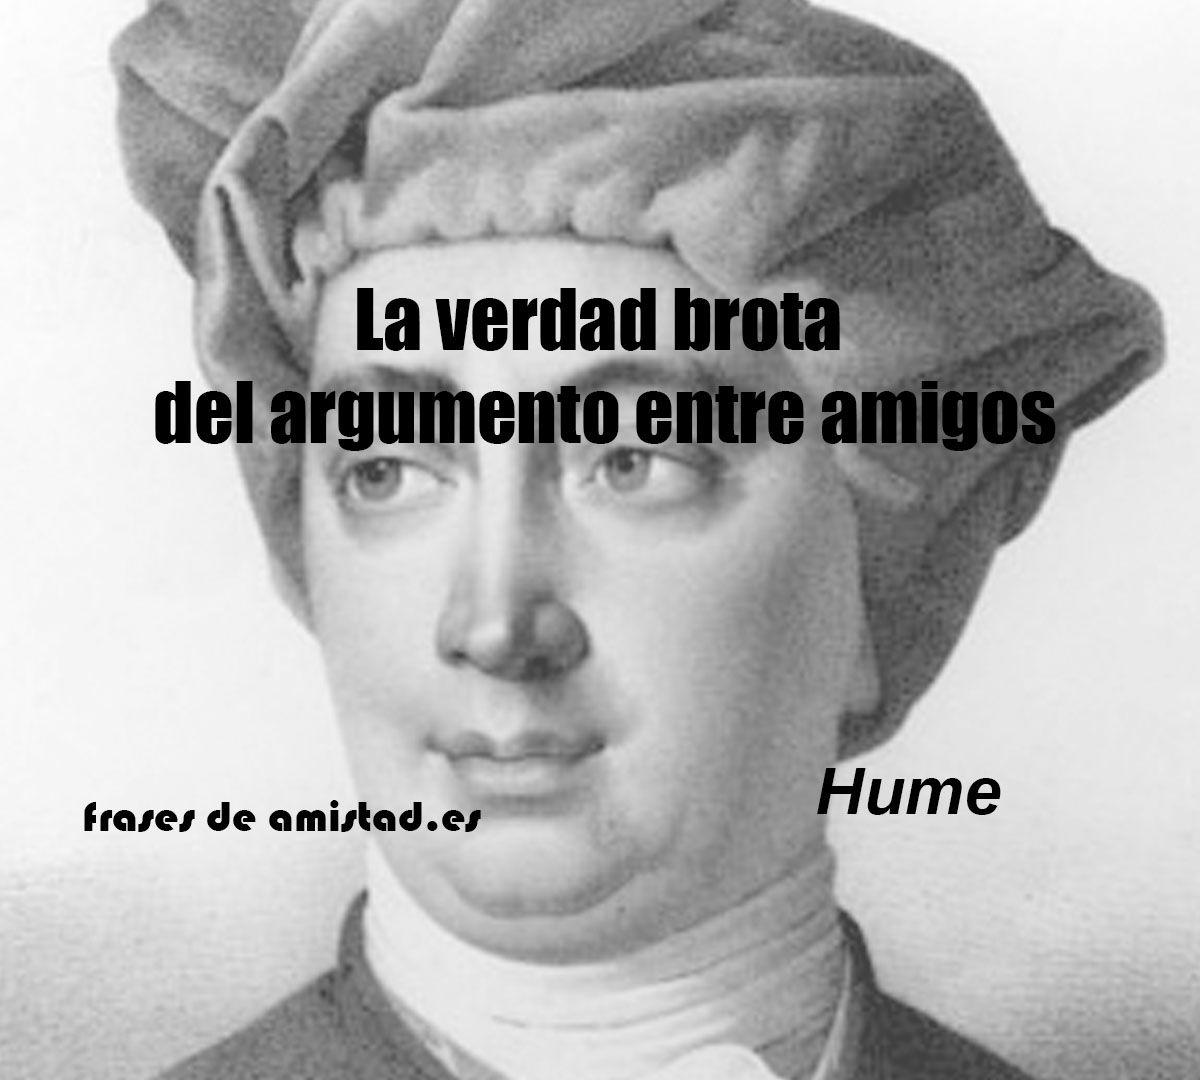 Aprende frases filos³ficas de Arist³teles Descartes Aprende y parte las citas célebres de los fil³sofos más importantes de todos los tiempos